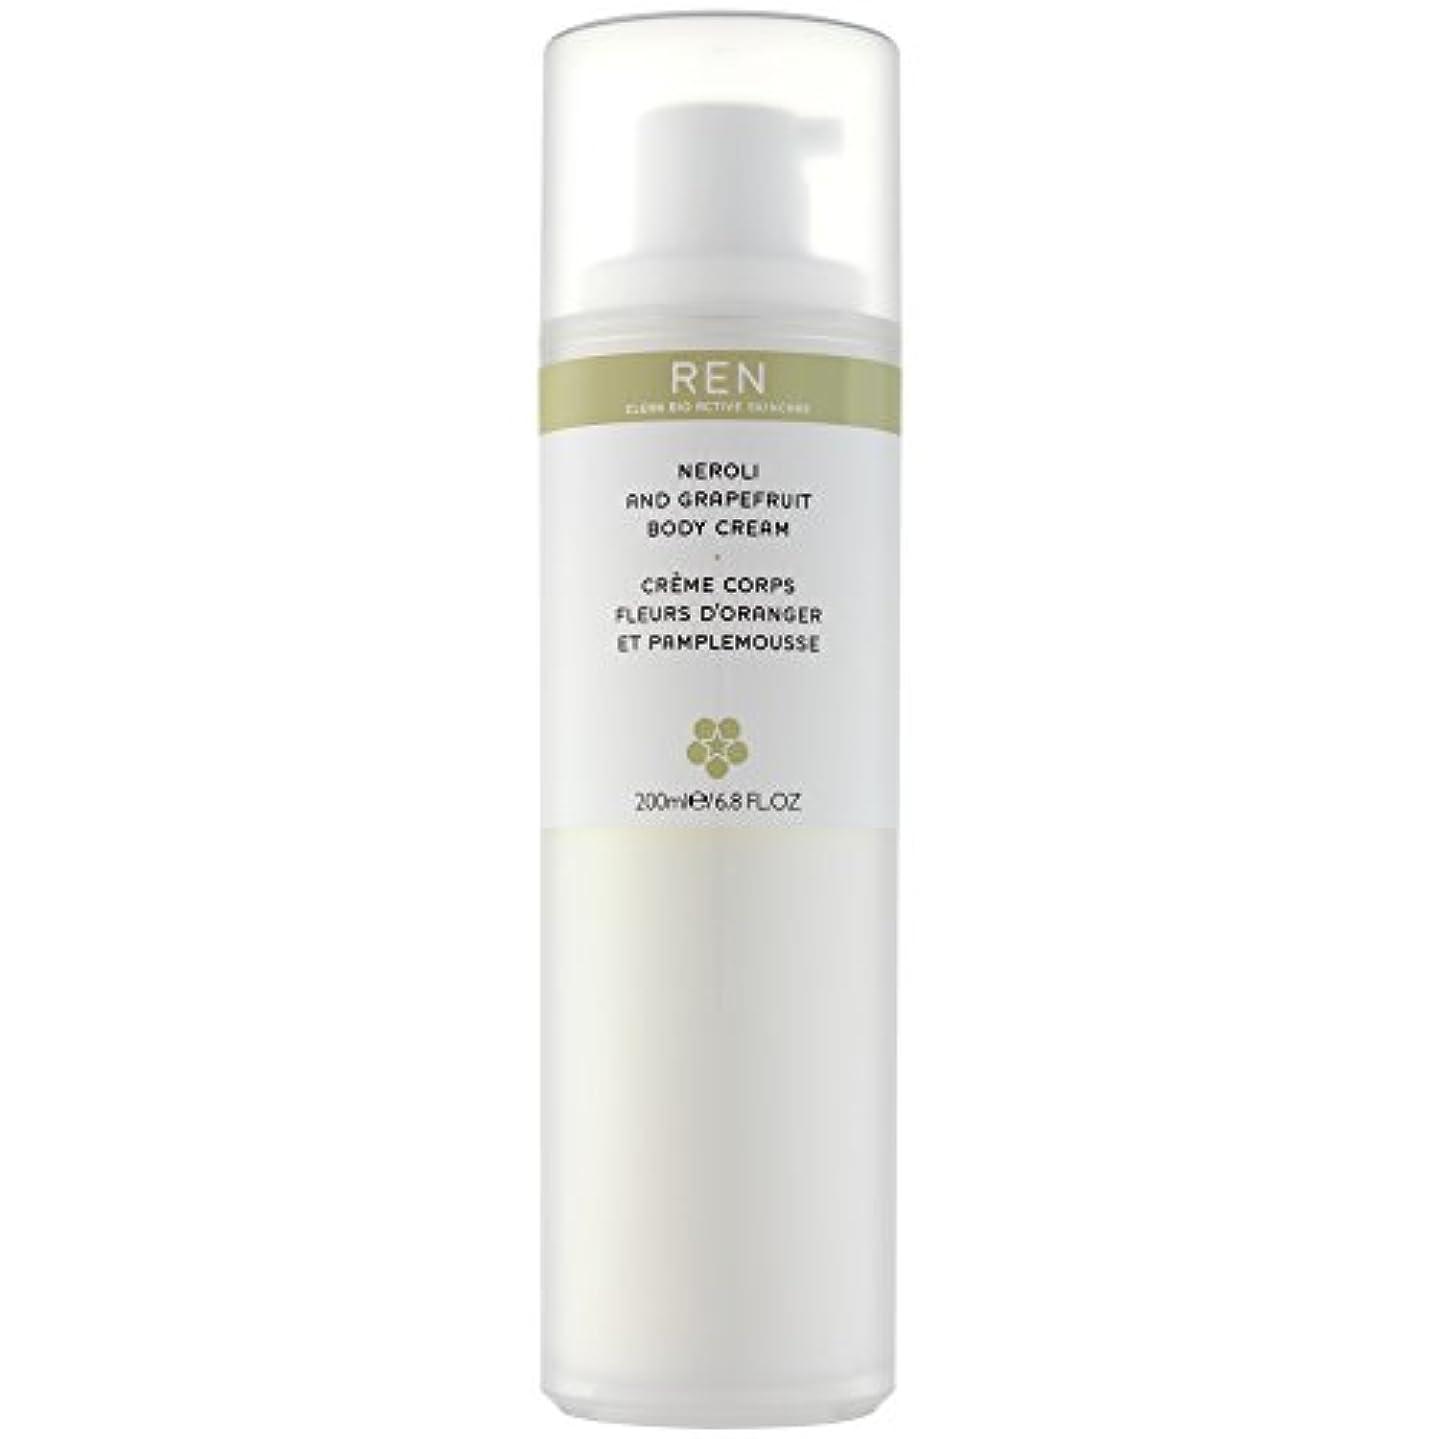 能力満たす充実Renネロリとグレープフルーツボディクリーム200ミリリットル (REN) (x6) - REN Neroli and Grapefruit Body Cream 200ml (Pack of 6) [並行輸入品]